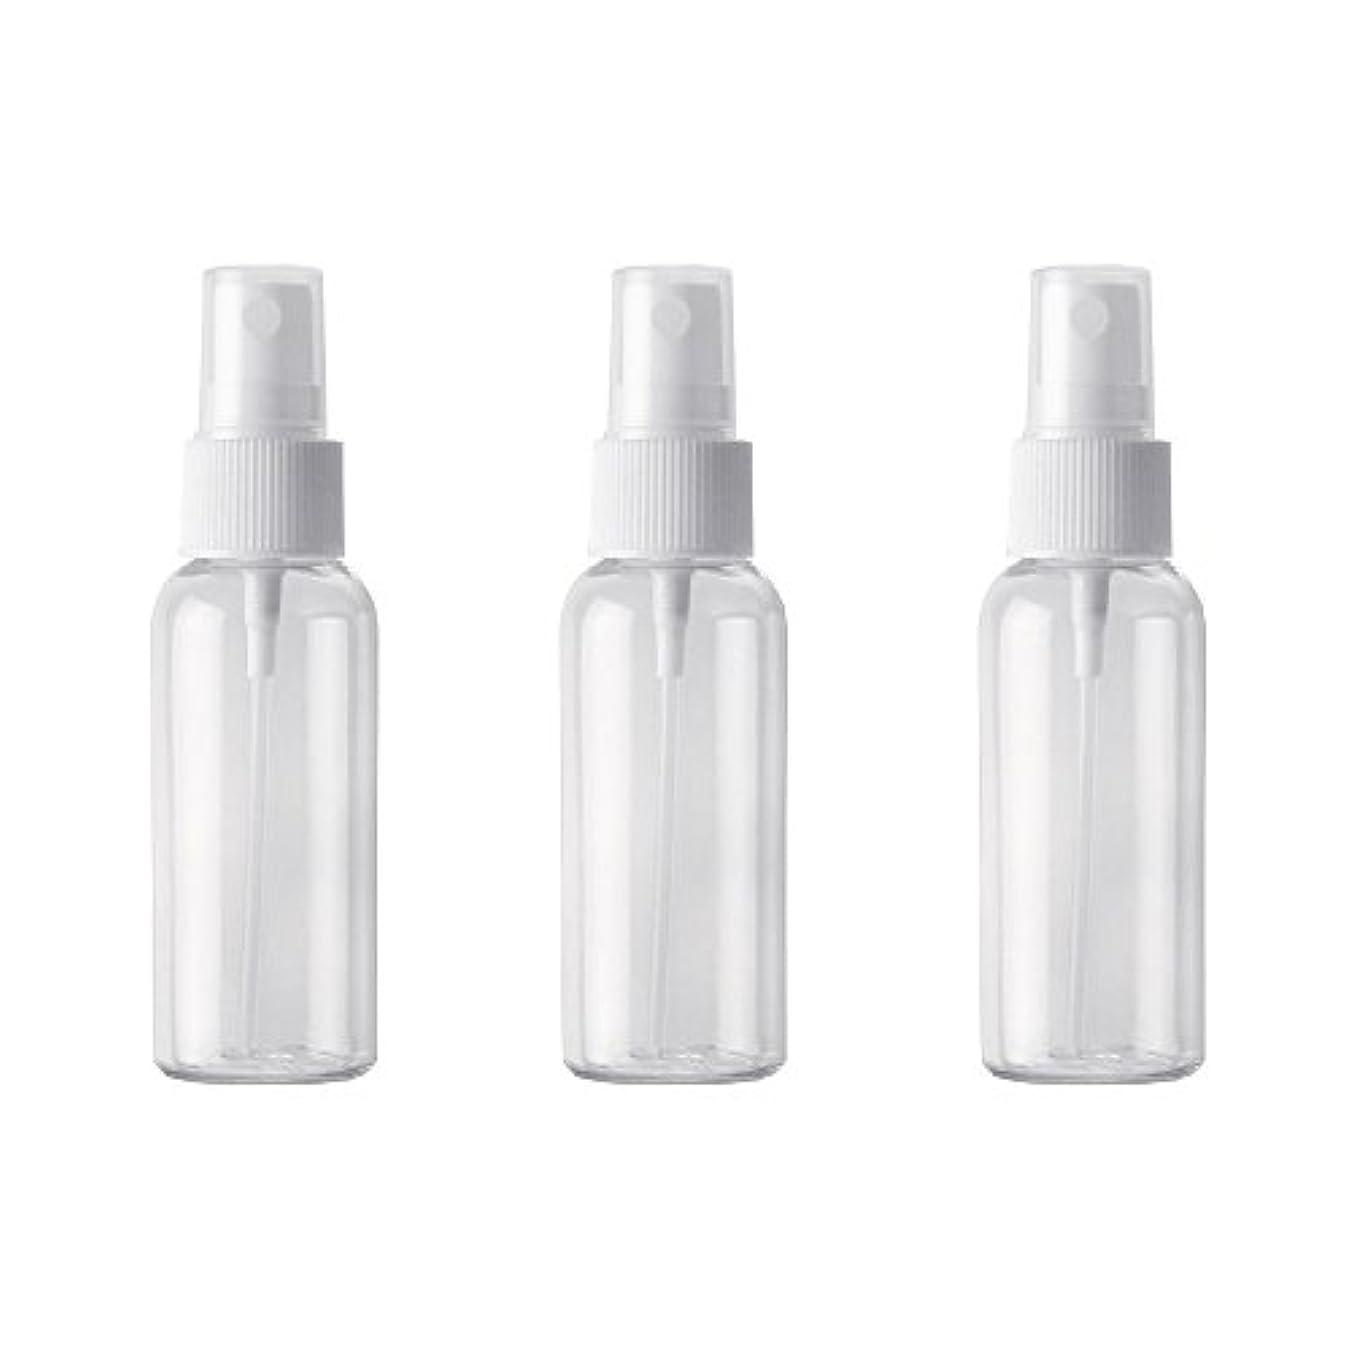 出演者本質的ではない冷酷な小分けボトル スプレーボトル 50ml おしゃれ 空ボトル 3本セット 環境保護の材料 PET素材 化粧水 詰替用ボトル 旅行用品 (透明)